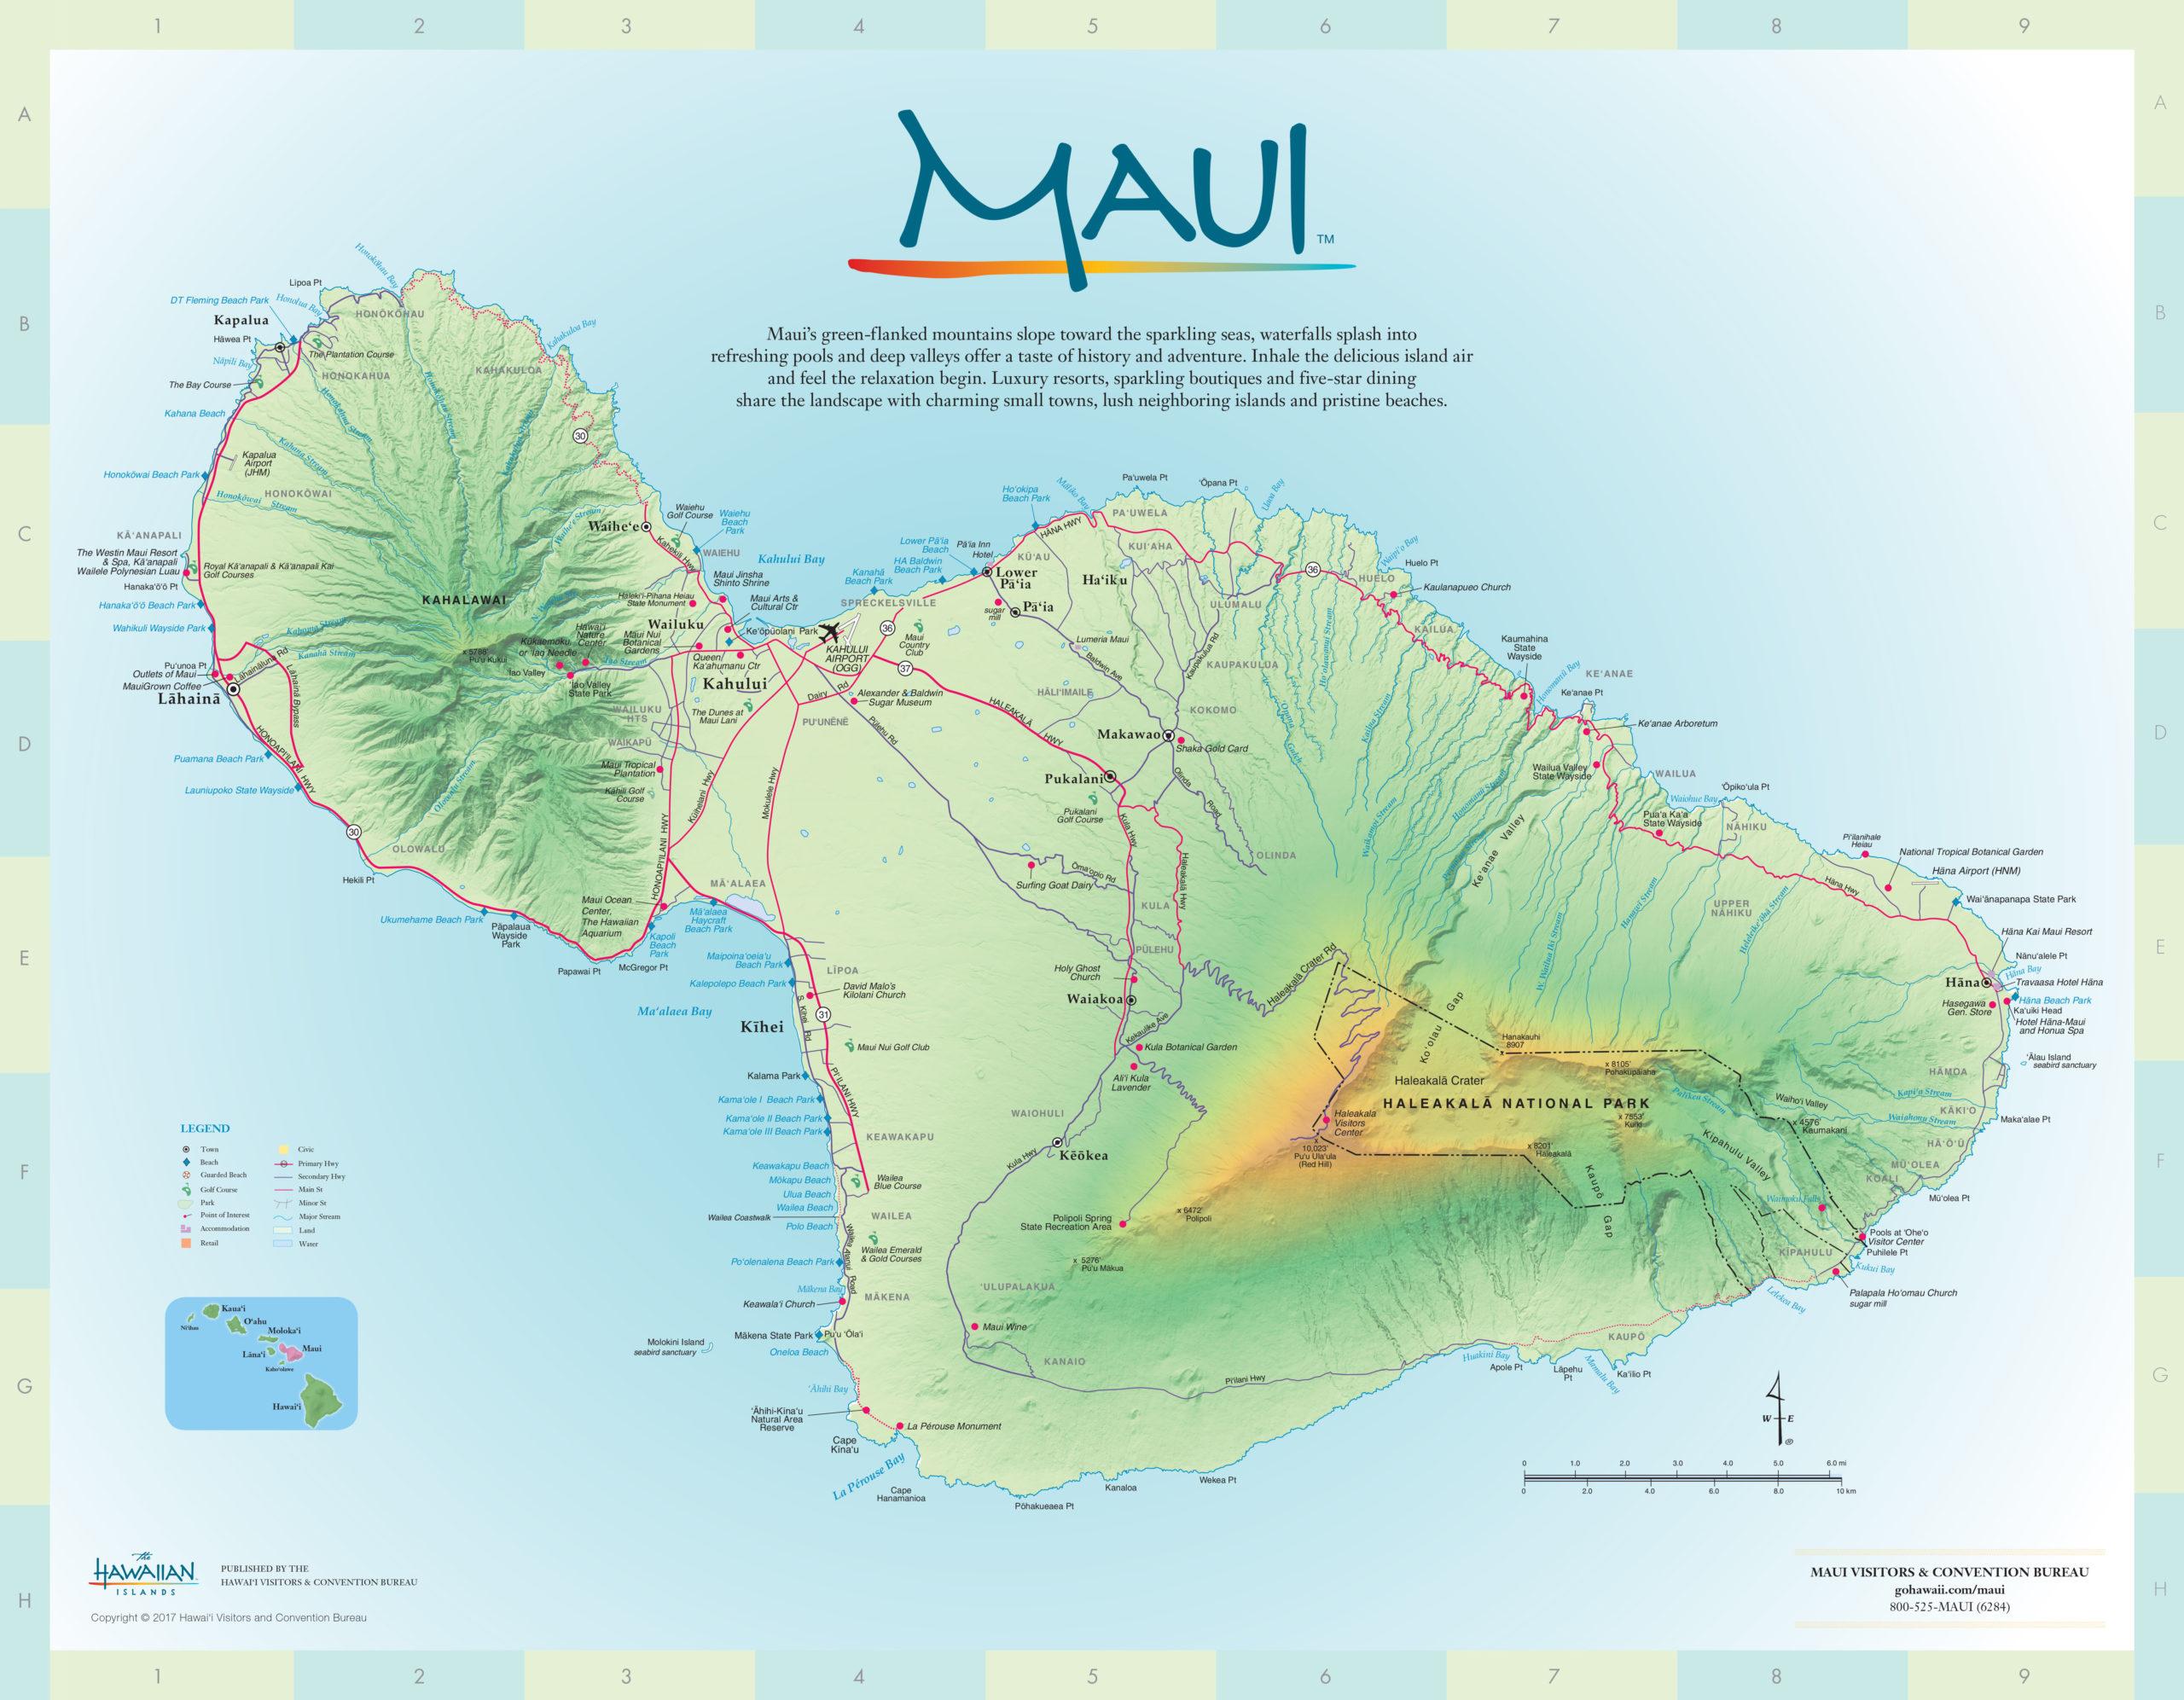 Maui Maps Go Hawaii